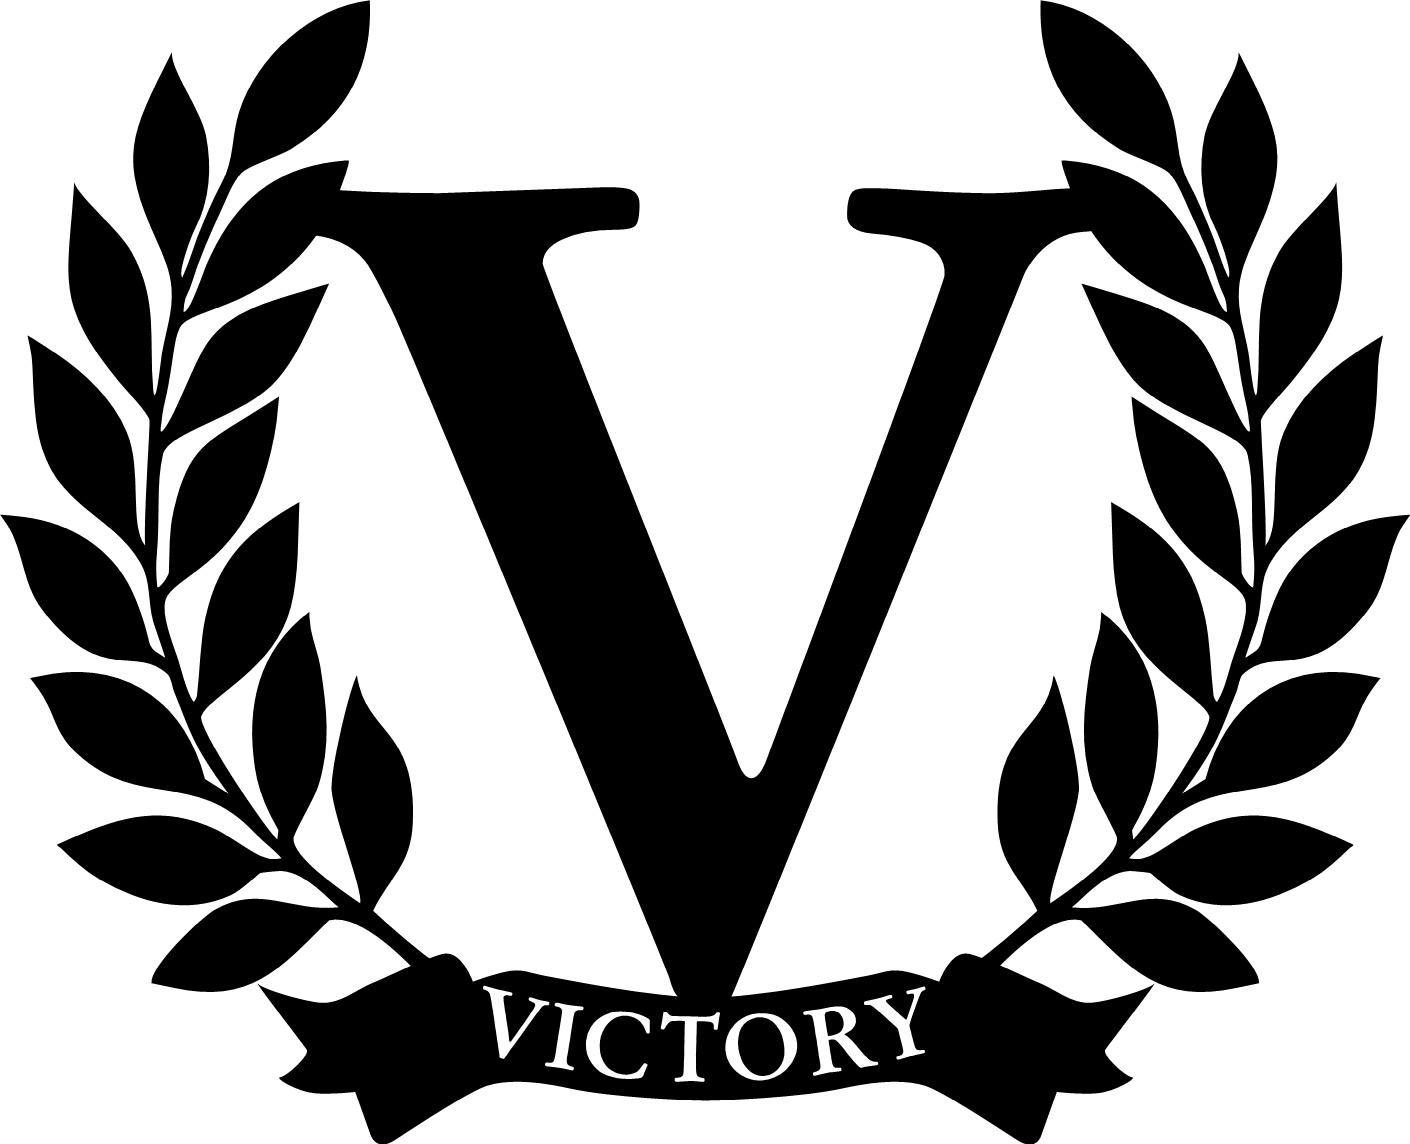 Victory amplification logo uk service